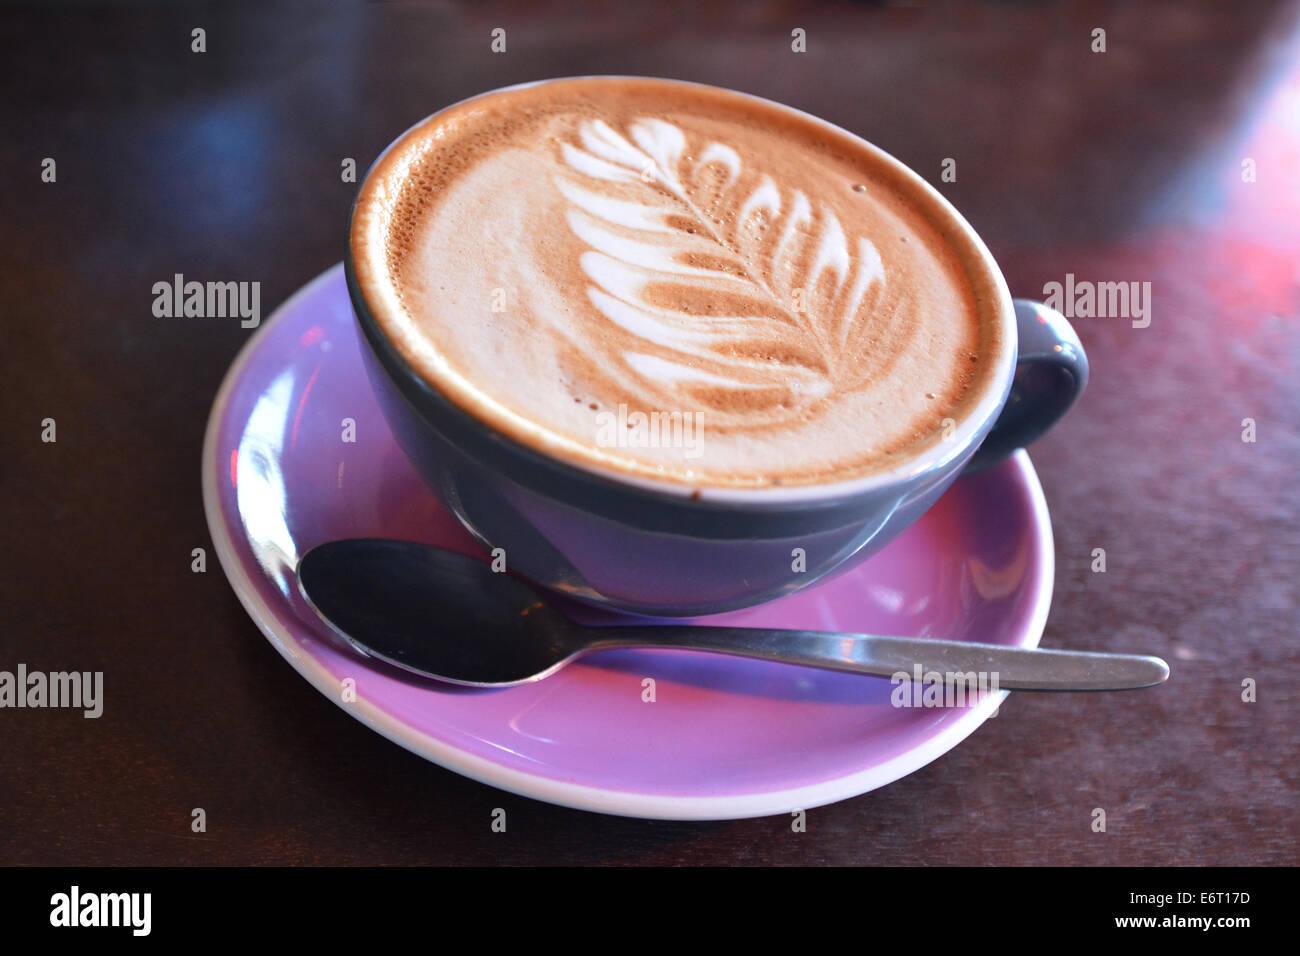 Flache weiße Kaffee dekoriert mit dem New Zealand ikonische Symbol die silbernen Farn drauf. Textfreiraum Stockbild